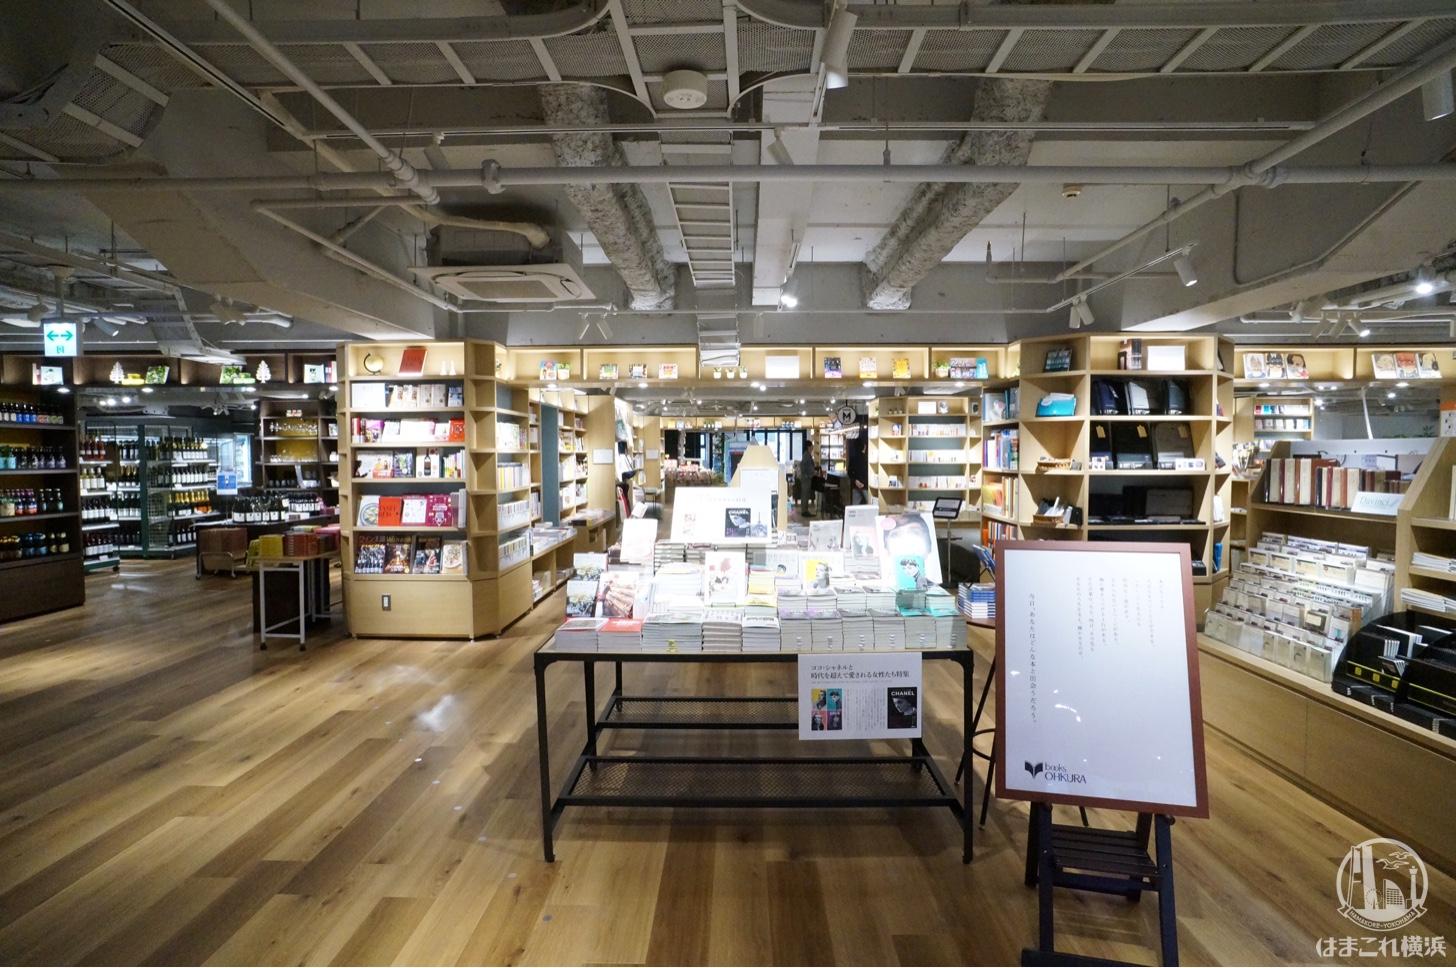 カフェ一体型の書店「ブックスオークラ」